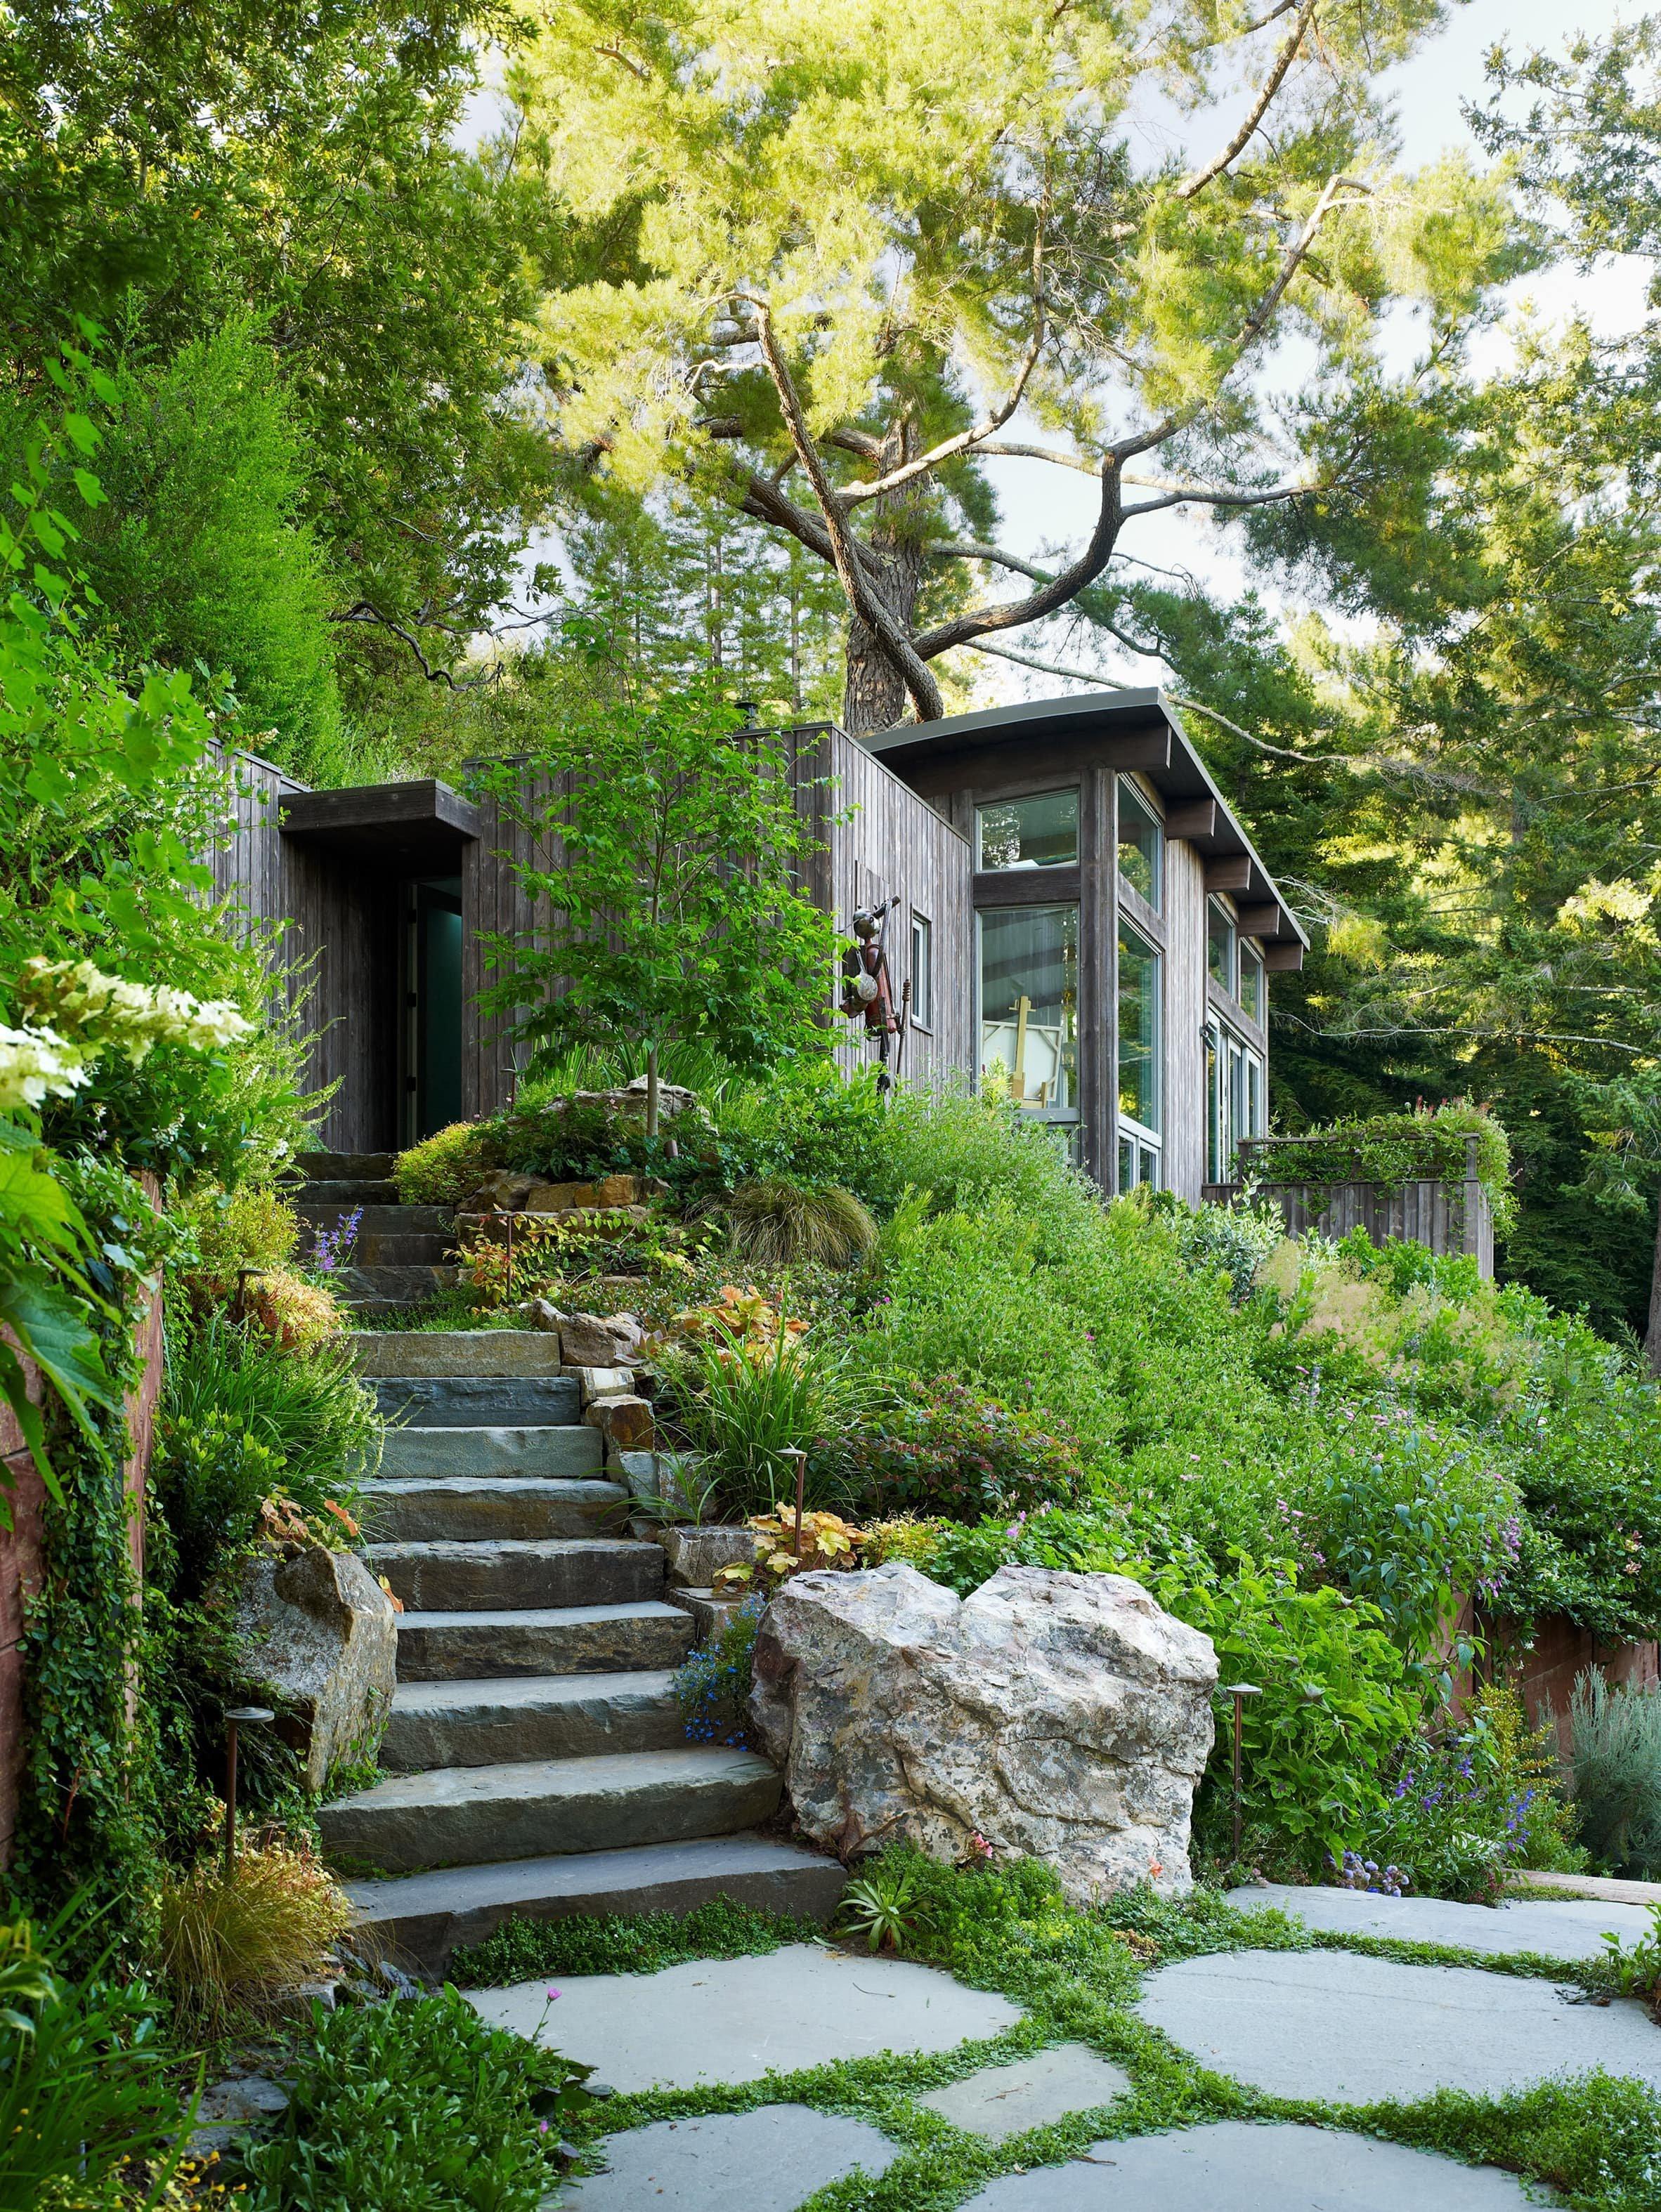 Kombinaci těchto dvou krásných chatek uprostřed přírody nelze považovat za klasické víkendové bydlení, kam se vydá běžná rodina na prázdniny. Jde o místo, které je jako stvořené pro svého majitele - umělce, nadšence do jógy a v neposlední řadě i zahradníka.